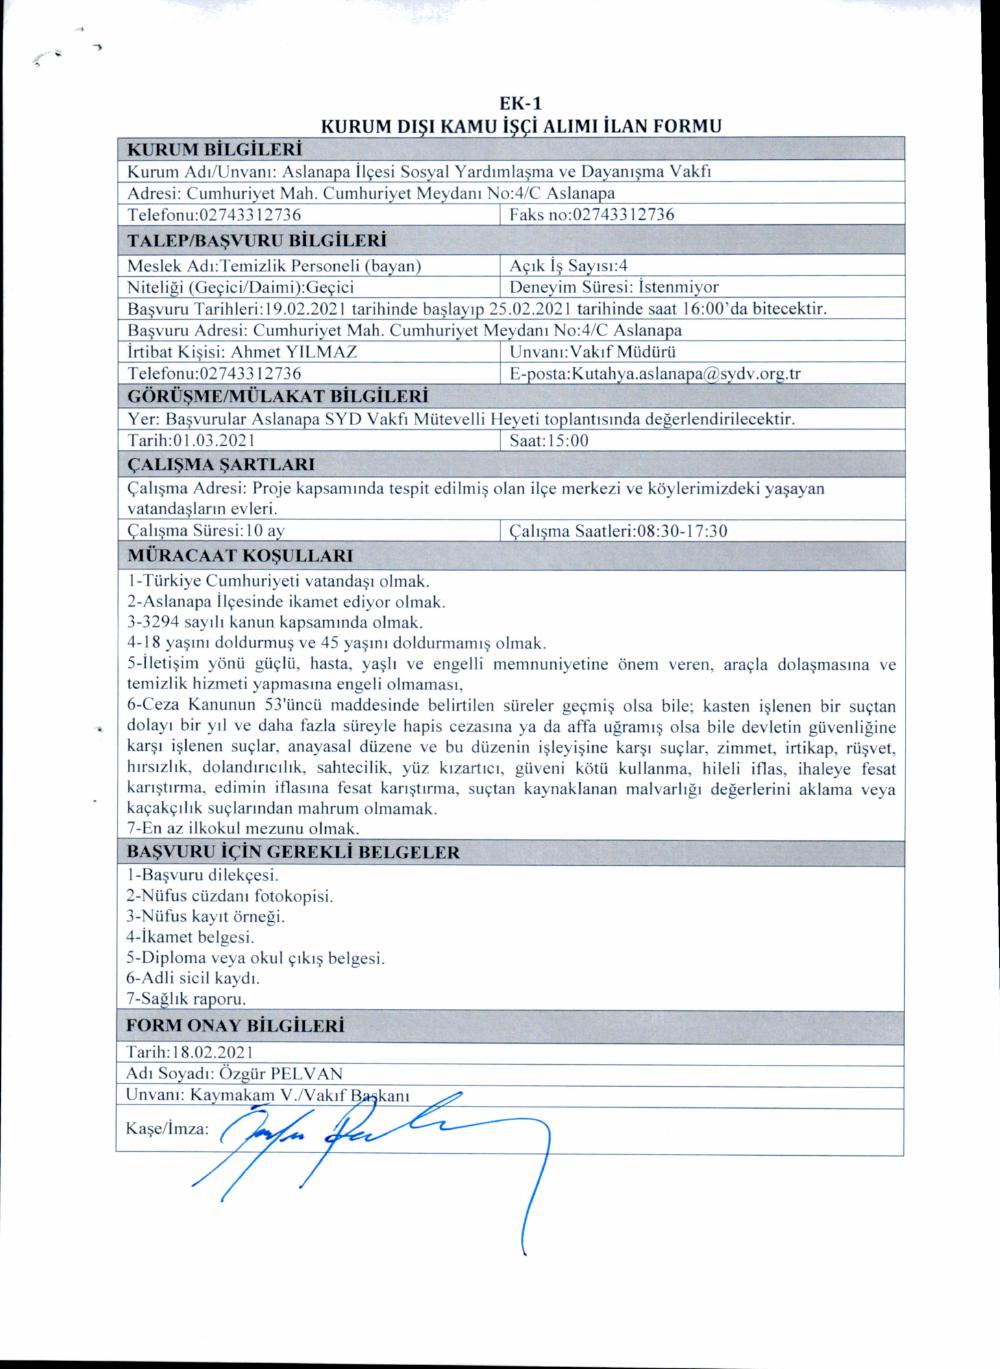 kutahya-aslanapa-sydv-25-02-2021-000001-001.png